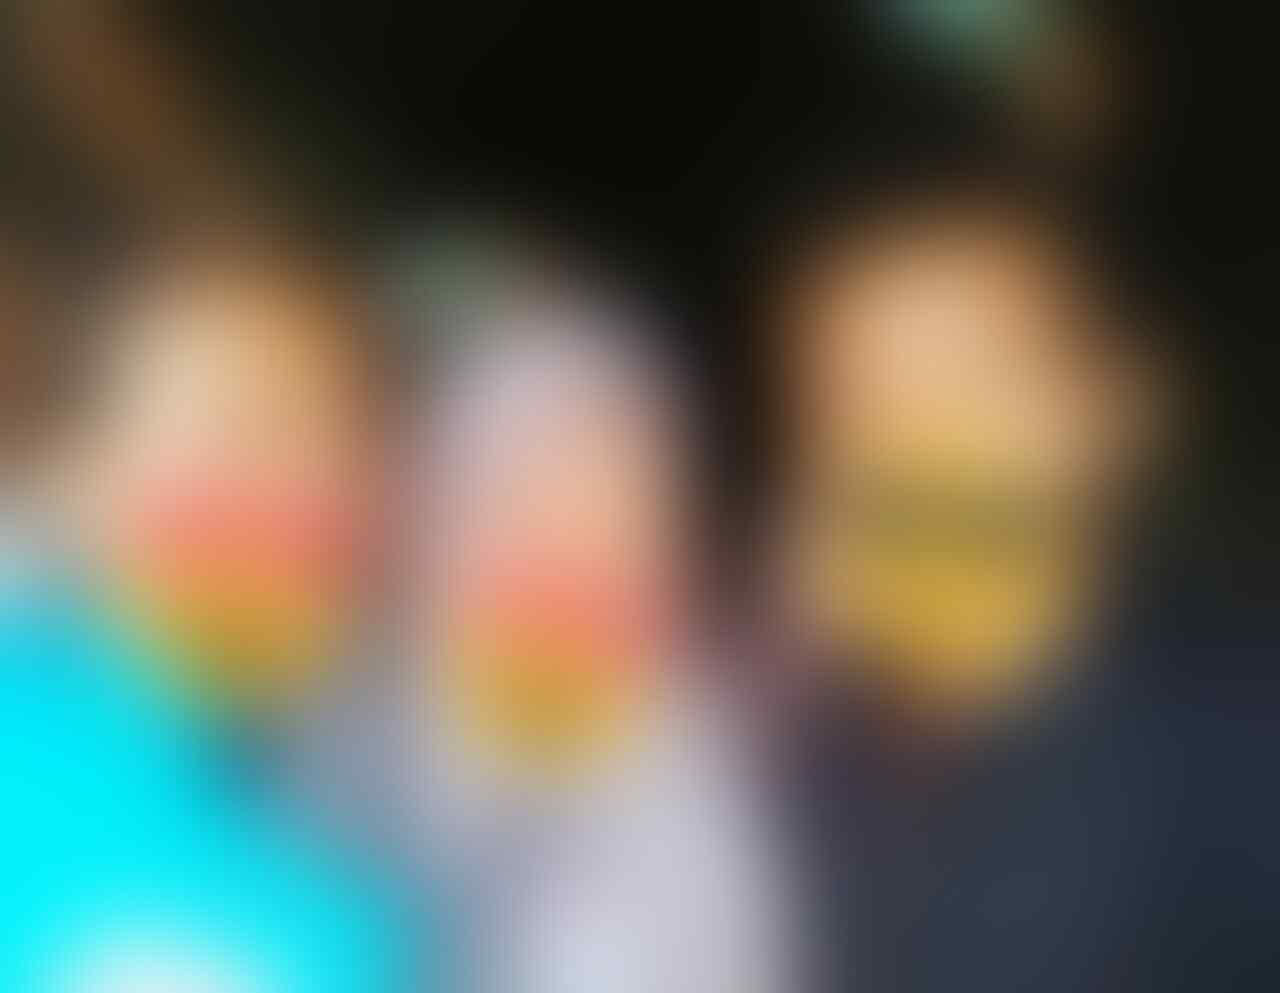 [FR COMPETITION] Kala Rindu Menyapa pada Sosok yang Belum Dijumpa